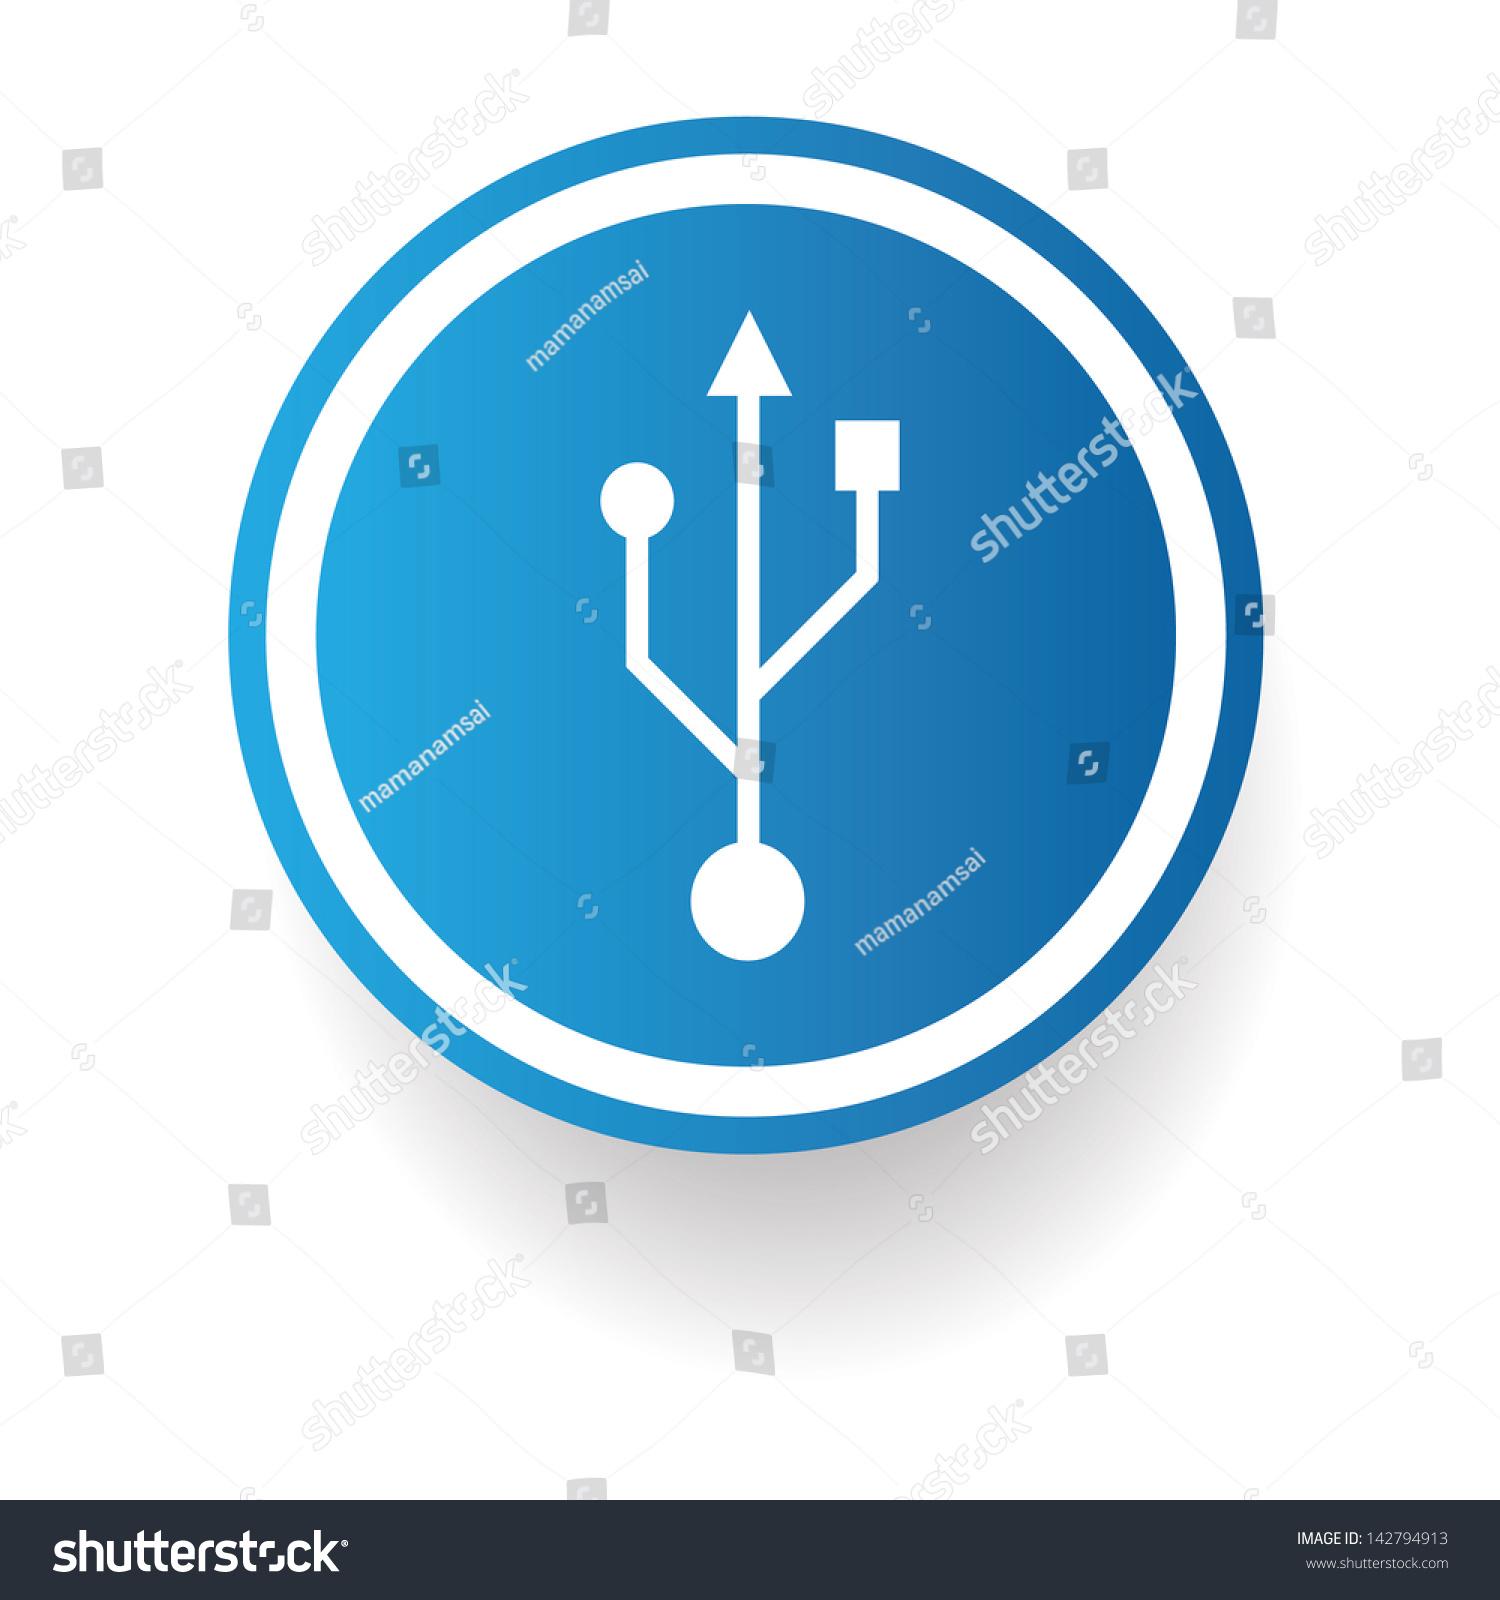 usb symbolvector 142794913 shutterstock